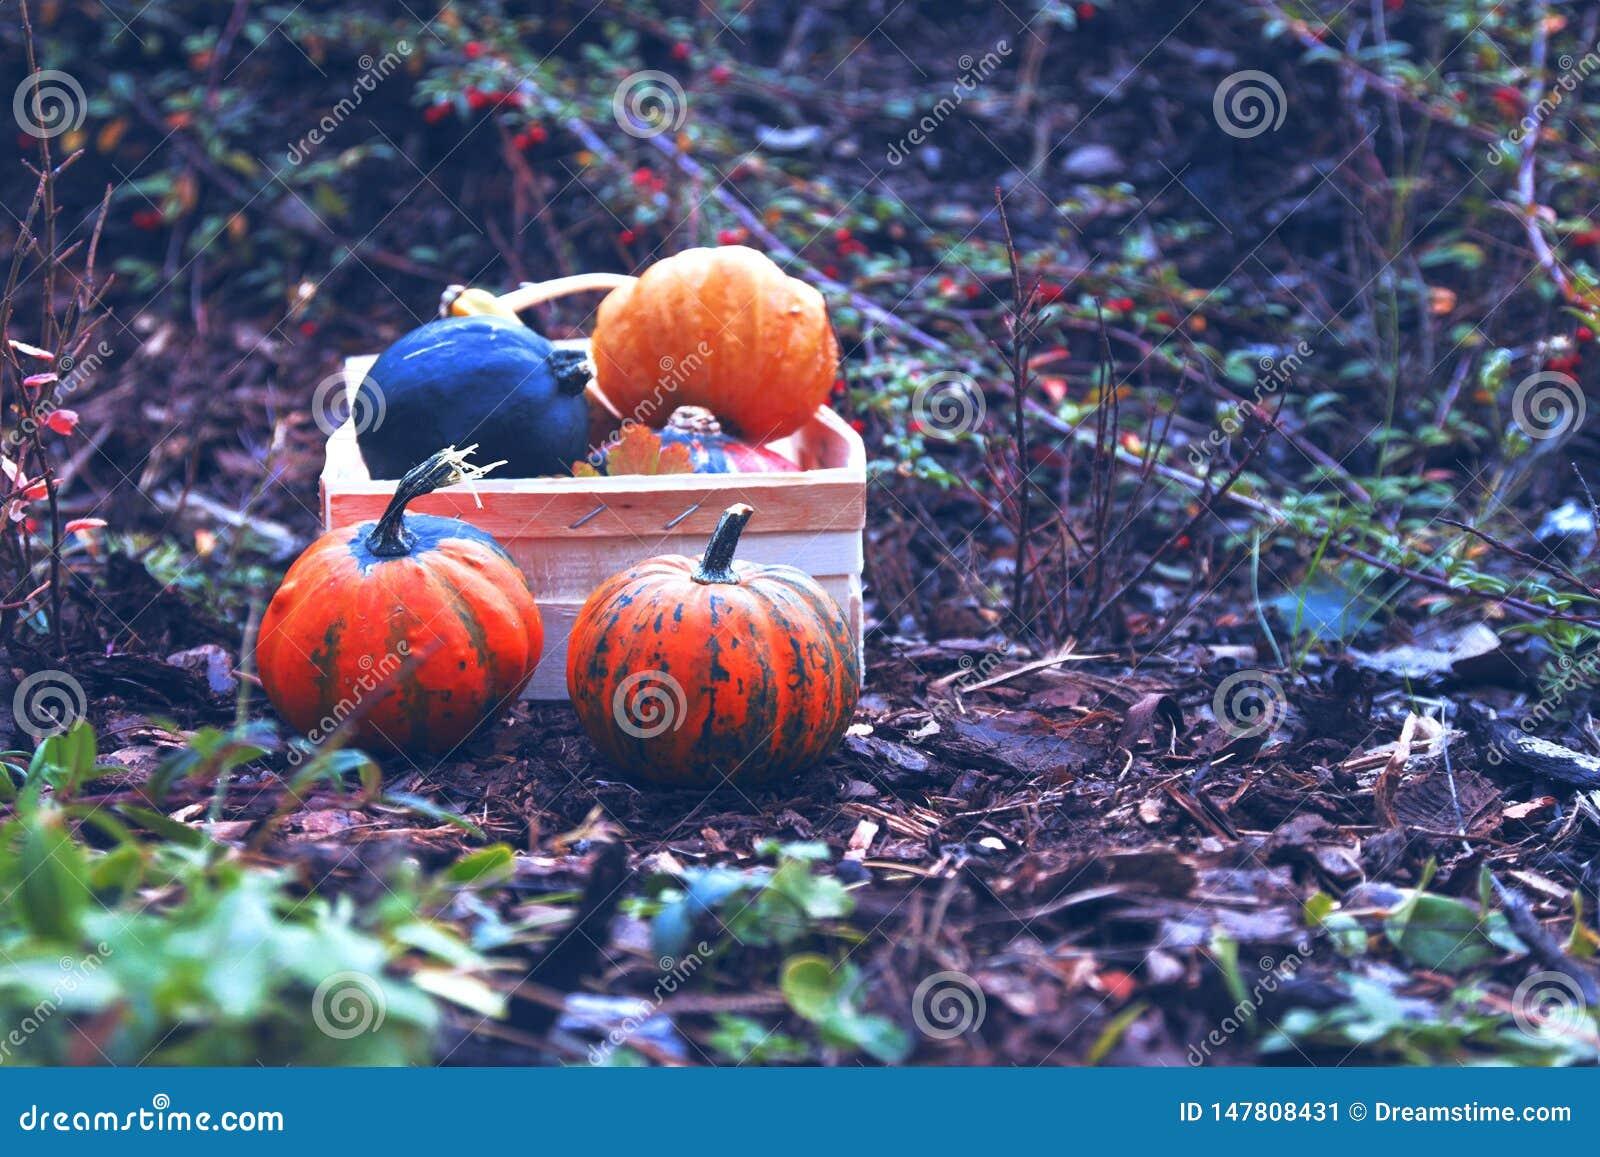 Potiron, automne, Halloween, orange, chute, r?colte, l?gume, potirons, thanksgiving, ferme, nourriture, correction de potiron, sa